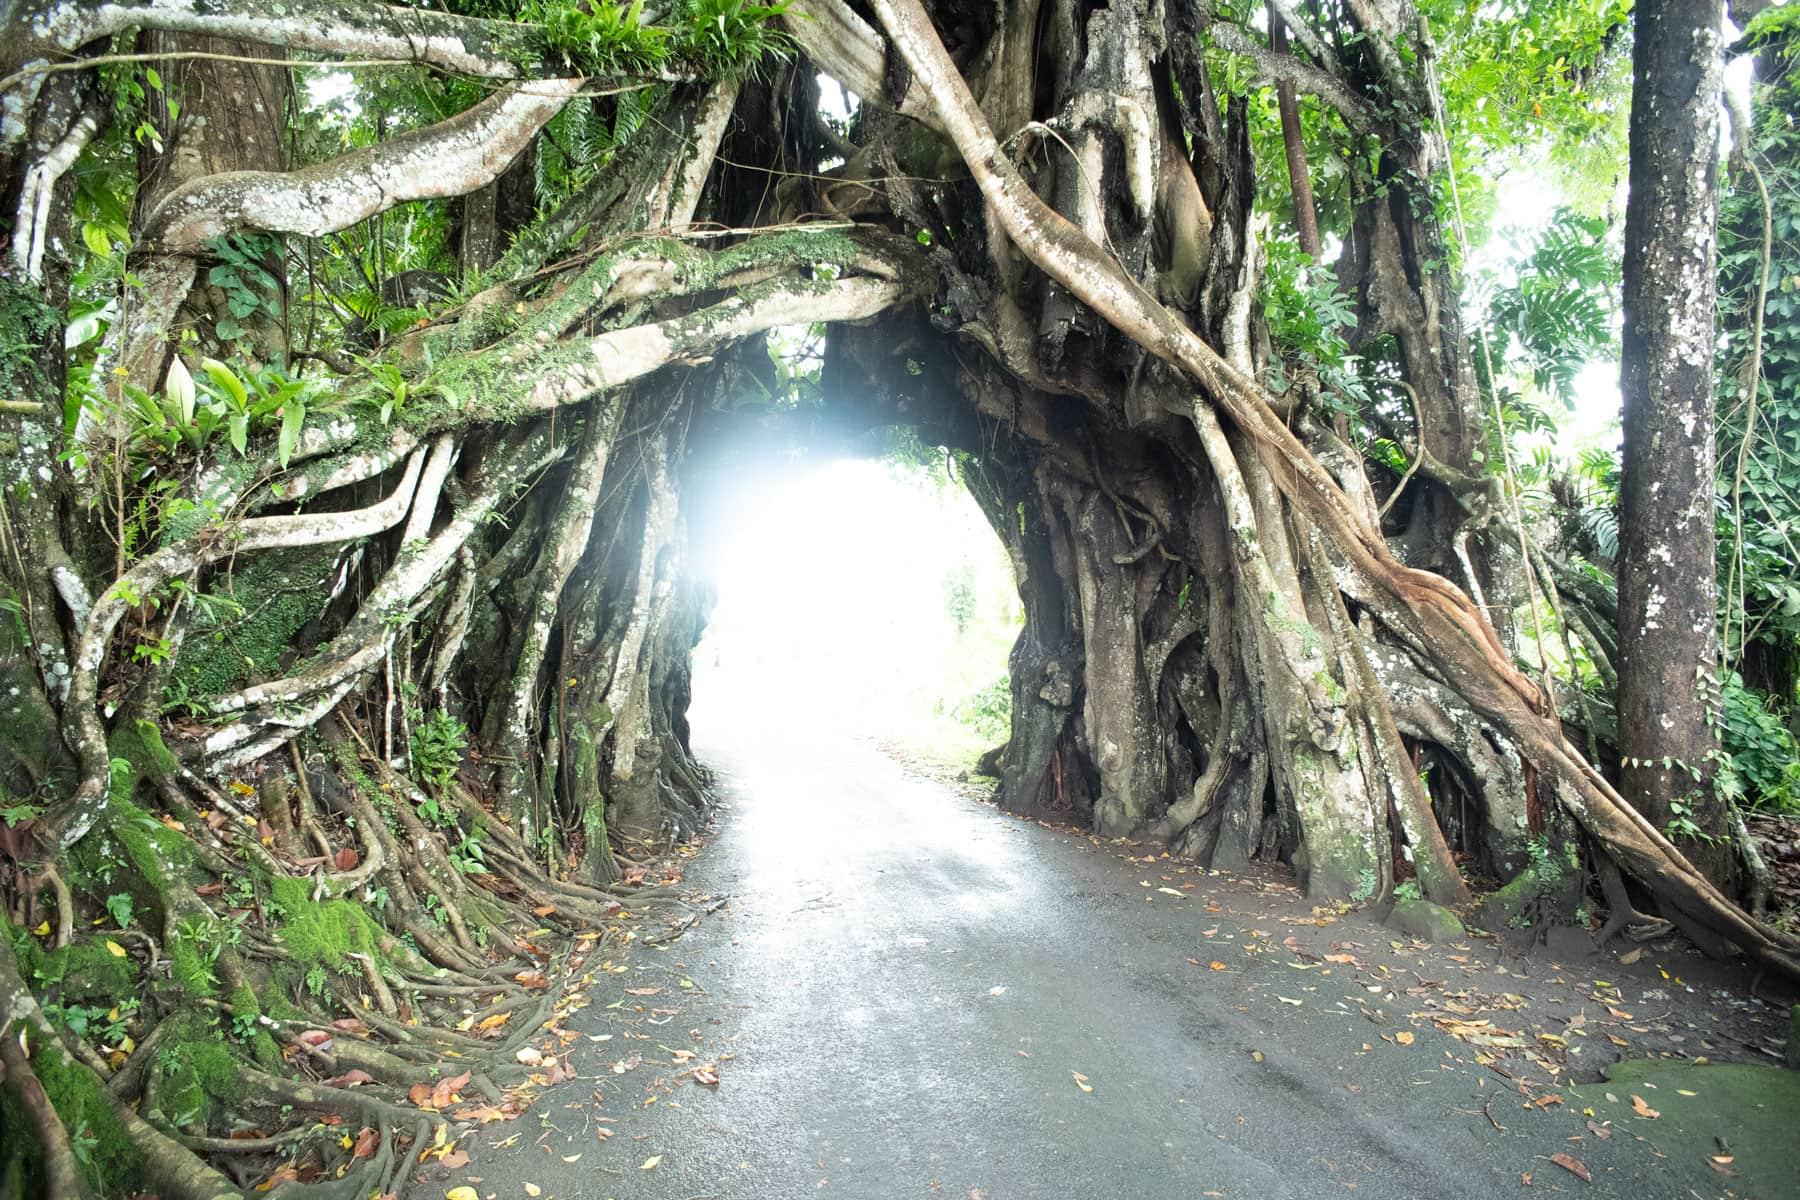 Das Bild zeigt eine Straßendurchfahrt unter einem riesigen Baumgewächs